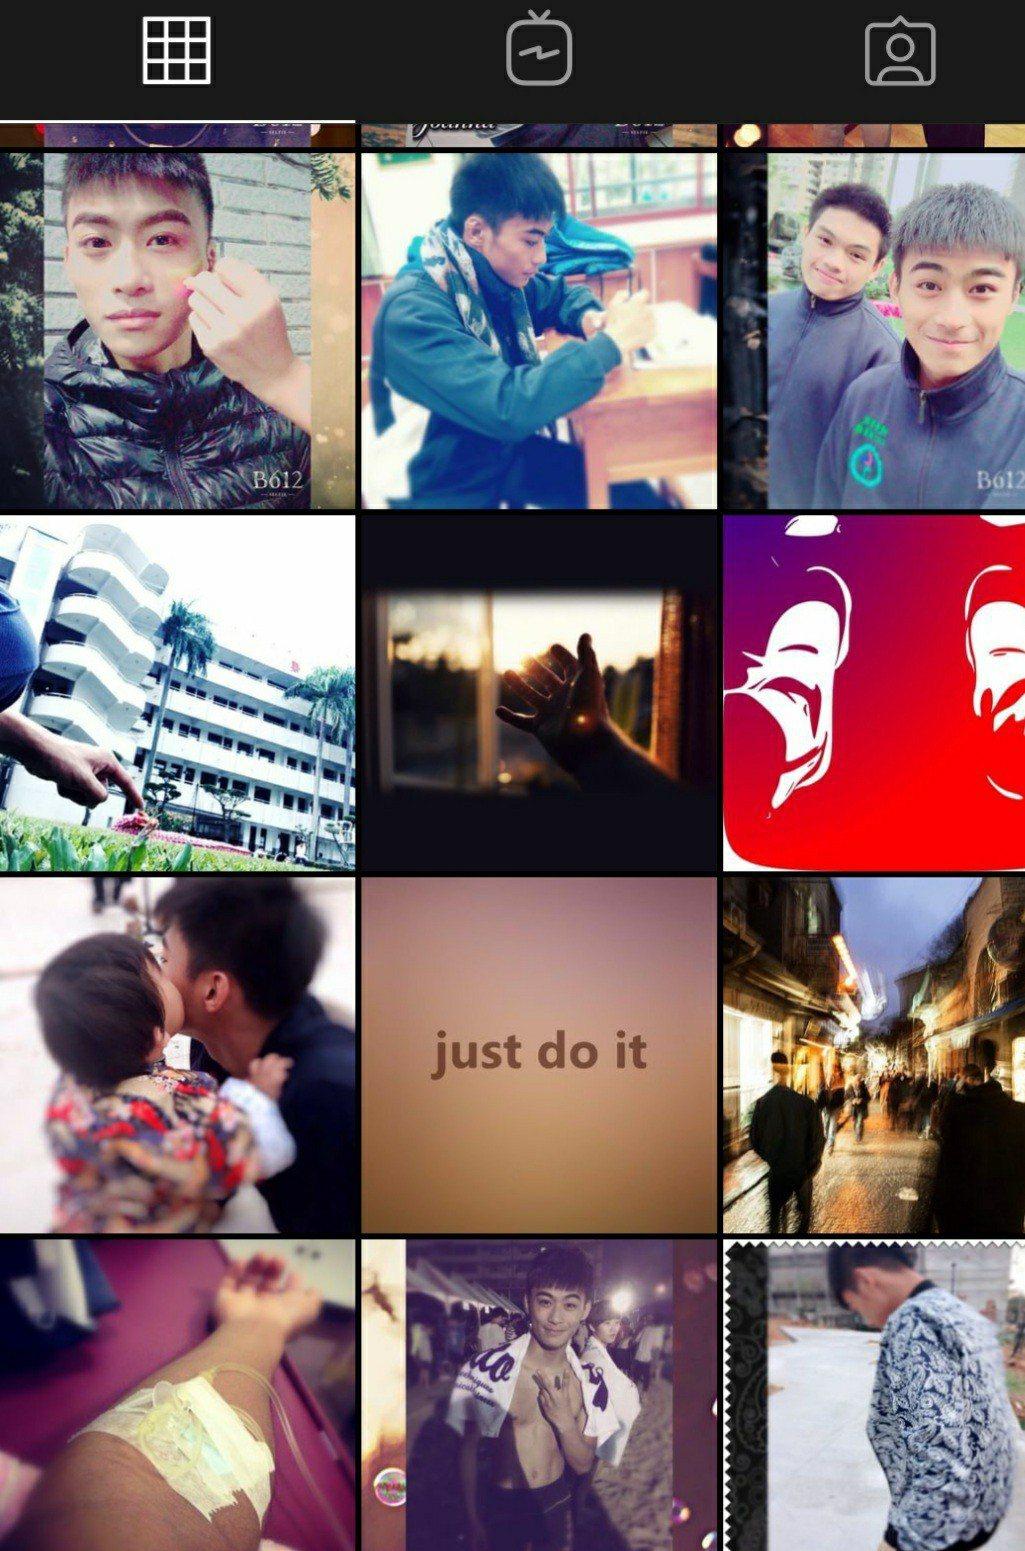 奧運柔道銀牌的楊勇緯成知名人物,他的ig照片中,寫下「just do it 」。...